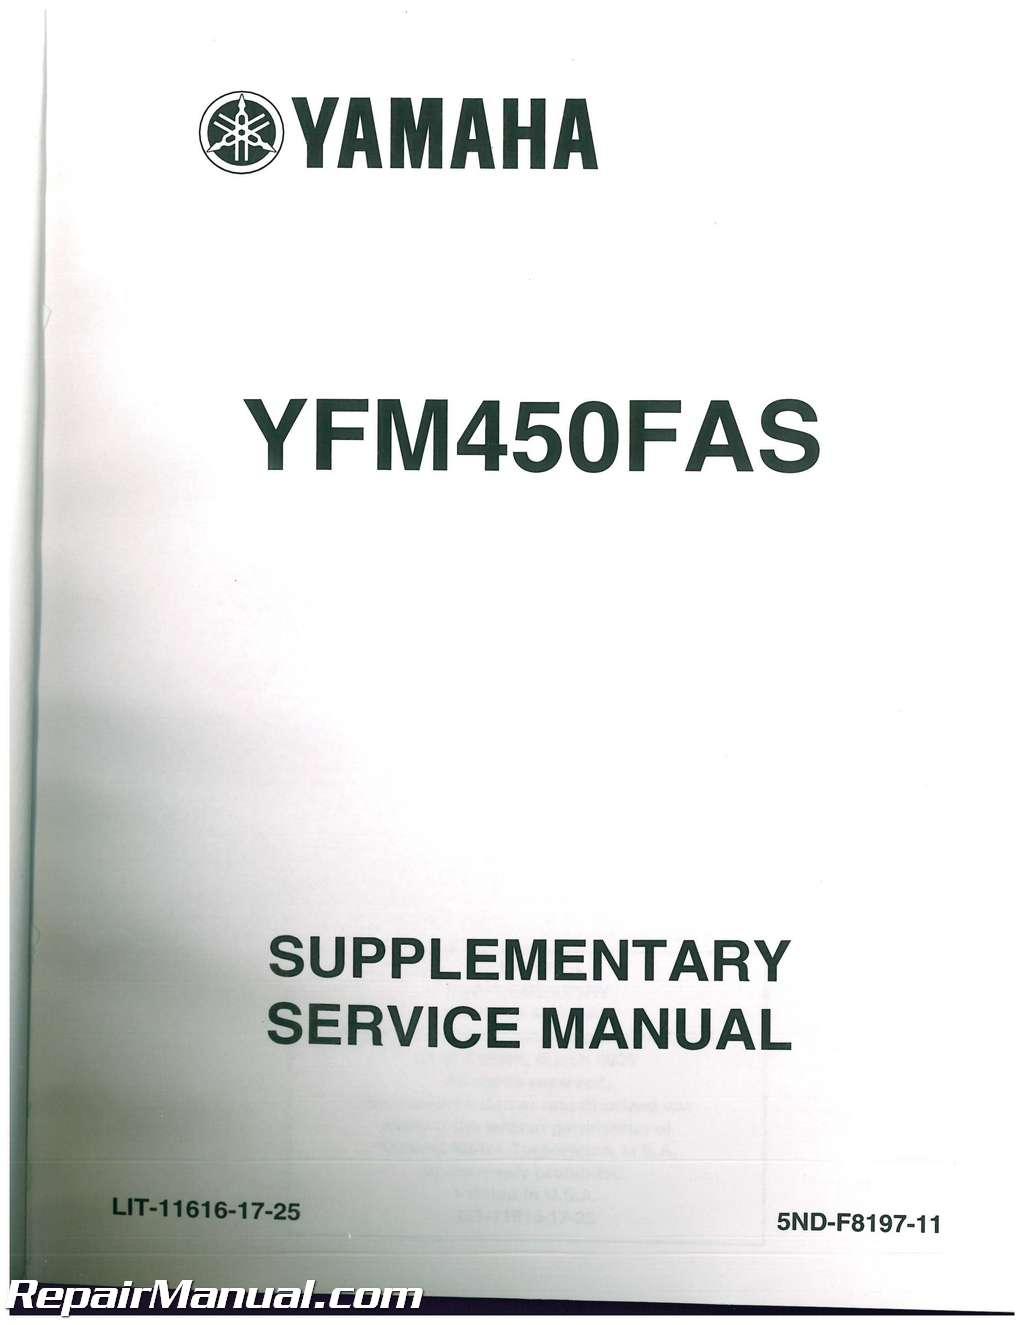 yfm450f yamaha kodiak 450 atv service manual 2003 2004 lit 11616 rh ebay com 2008 yamaha wolverine 450 owners manual yamaha wolverine 450 service manual free download